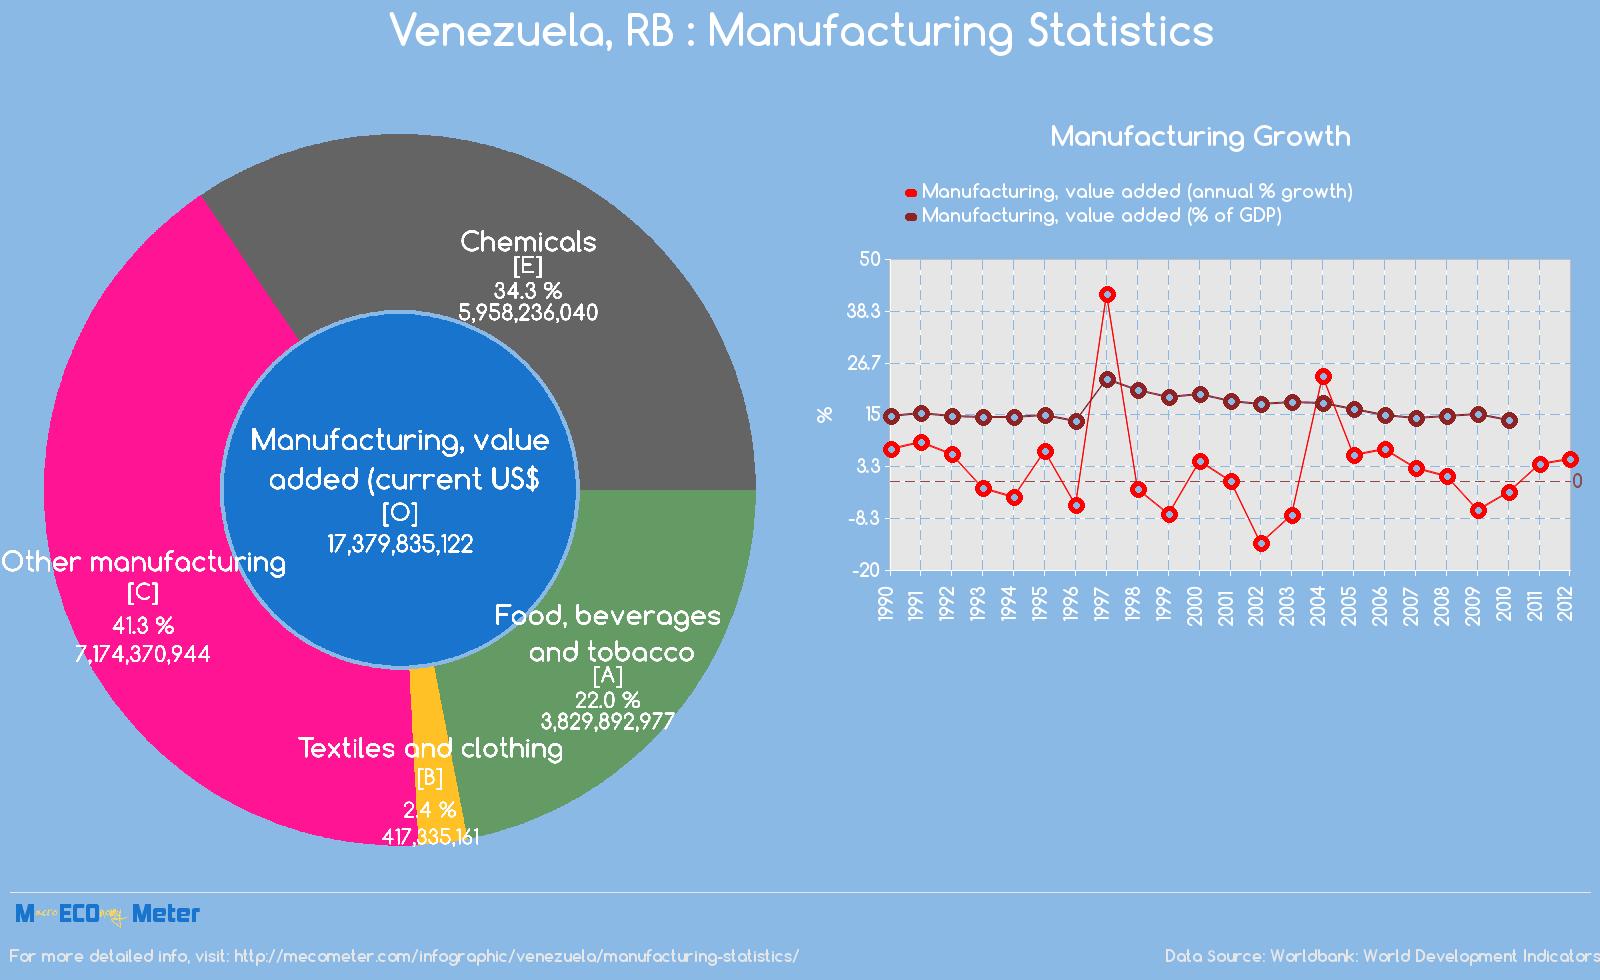 Venezuela : Manufacturing Statistics